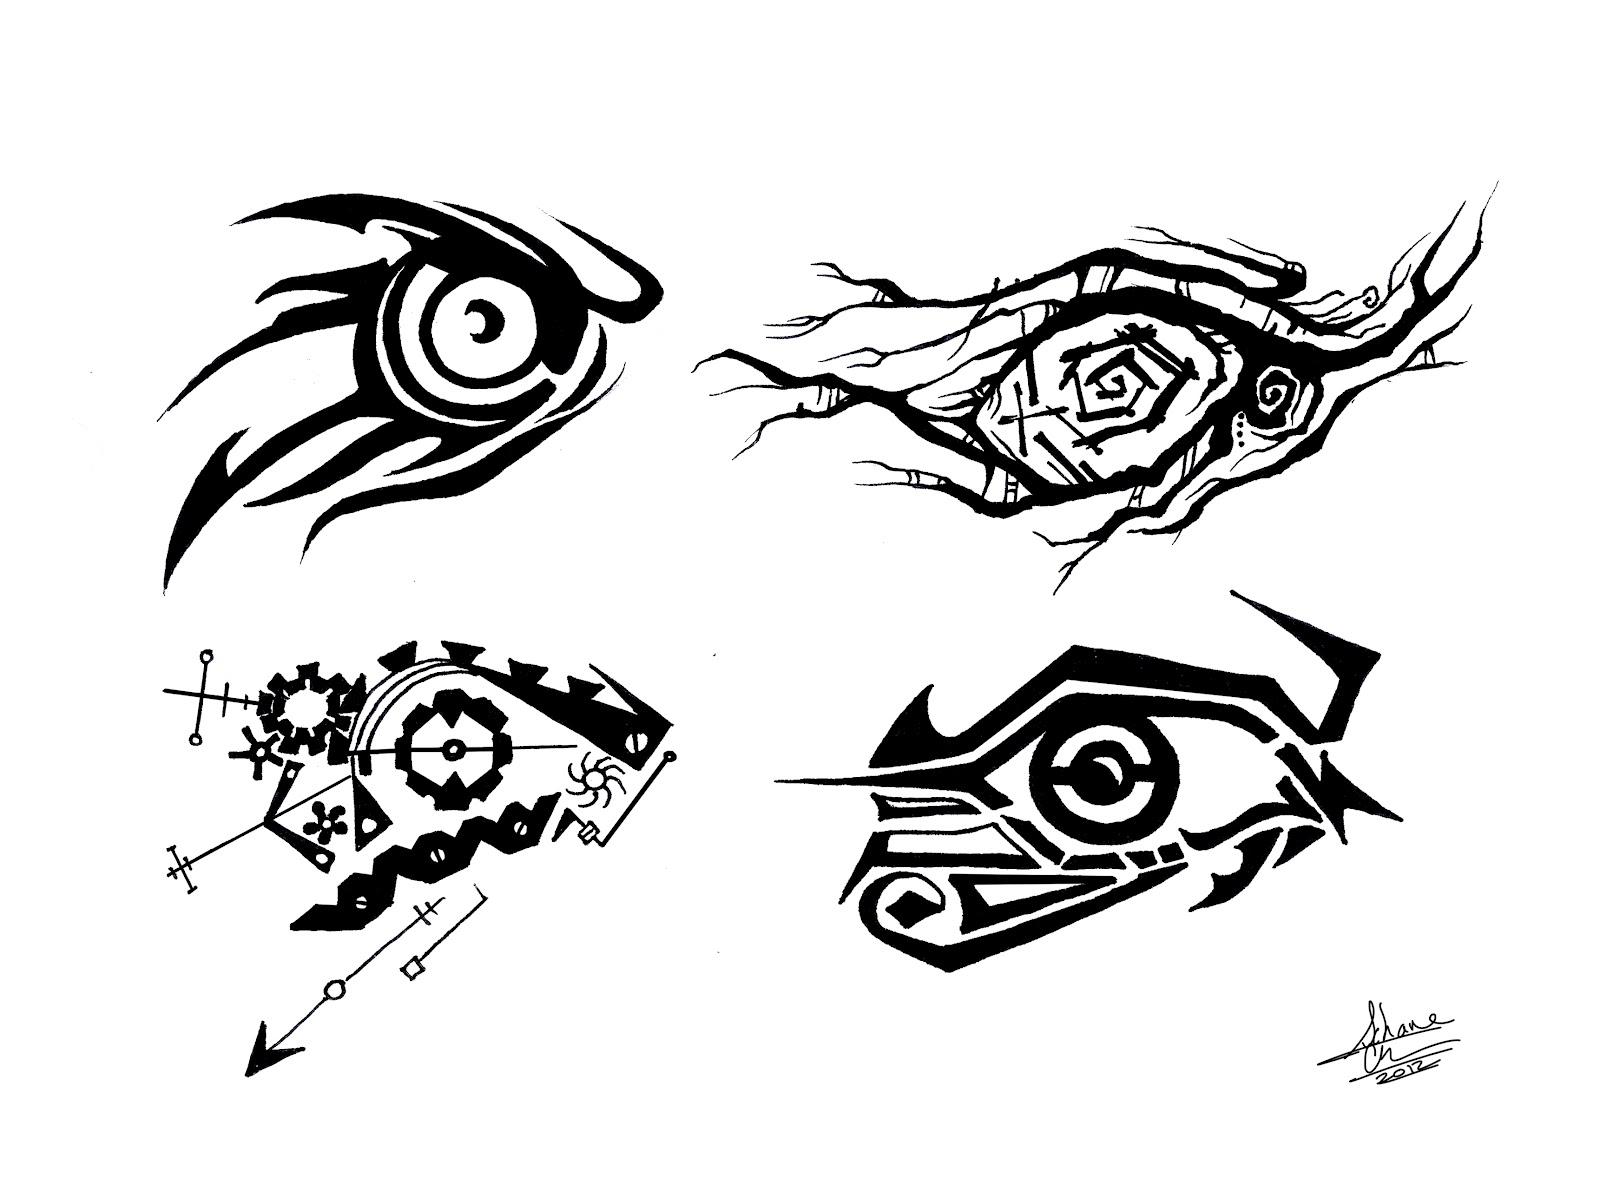 Значение тату глаз с крыльями